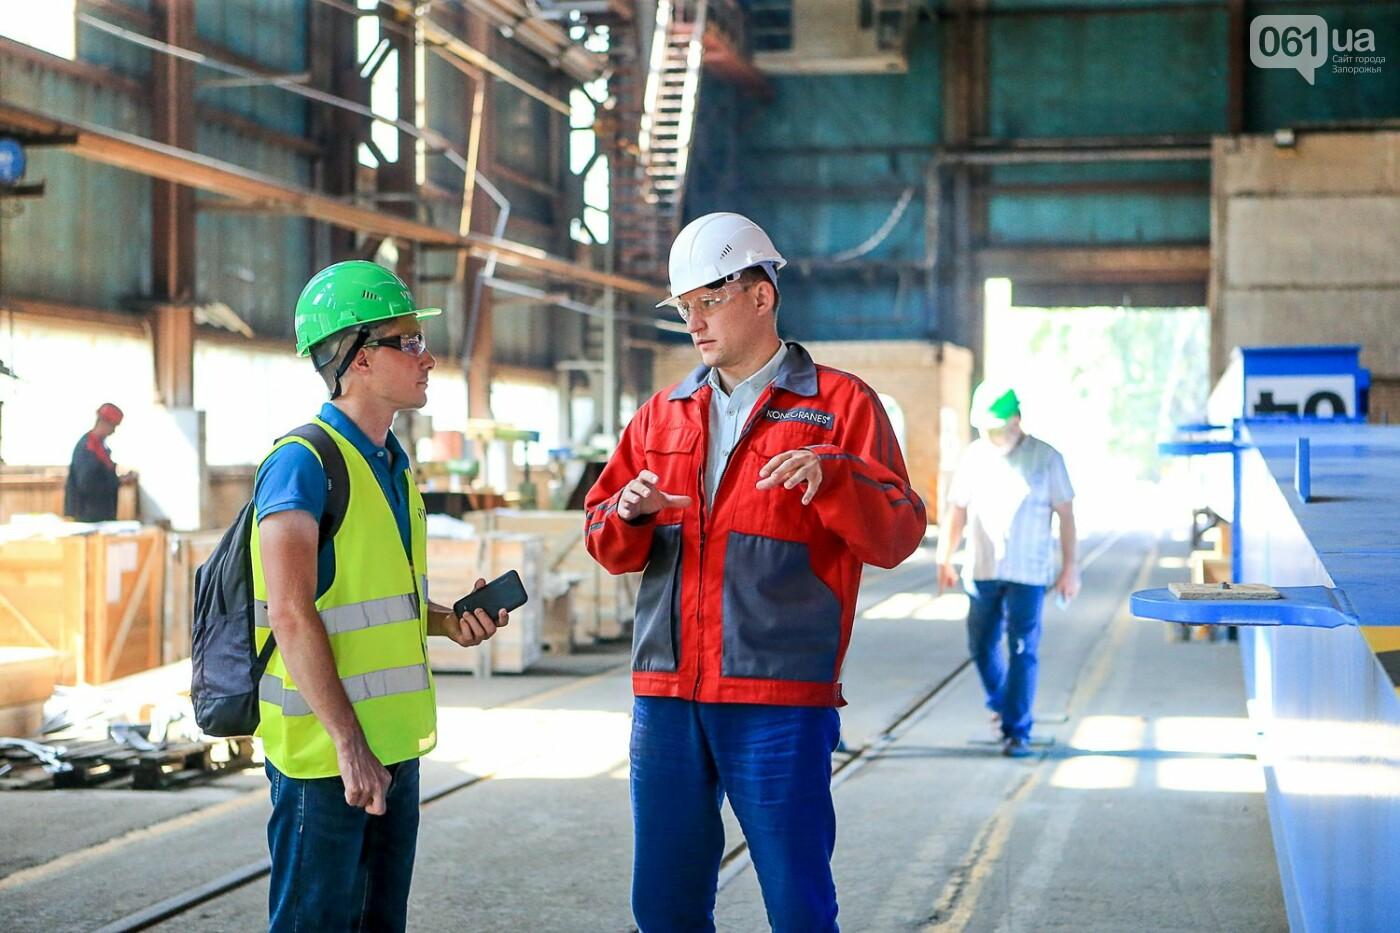 Как в Запорожье работает крупнейший в Европе завод по производству кранов: экскурсия на производство, — ФОТОРЕПОРТАЖ, фото-6